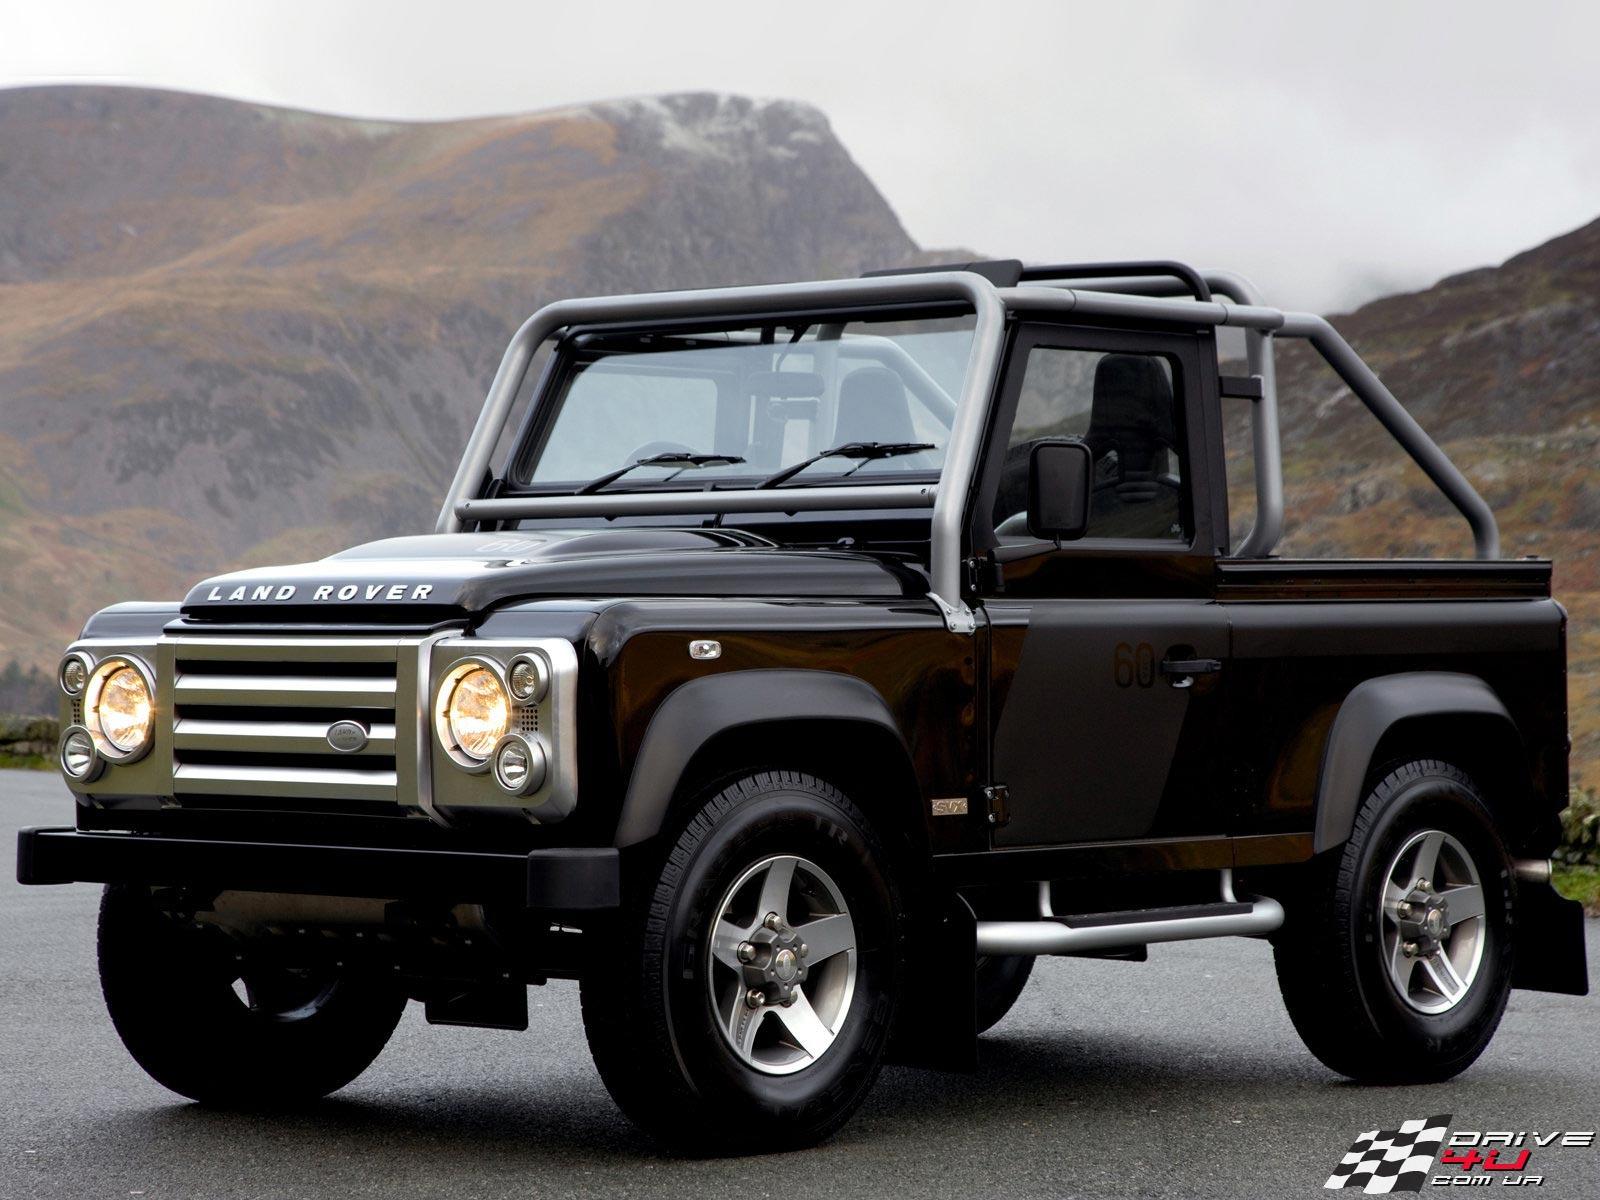 Black Defender Land Rover Wallpapers special edition Desktop Backgrounds